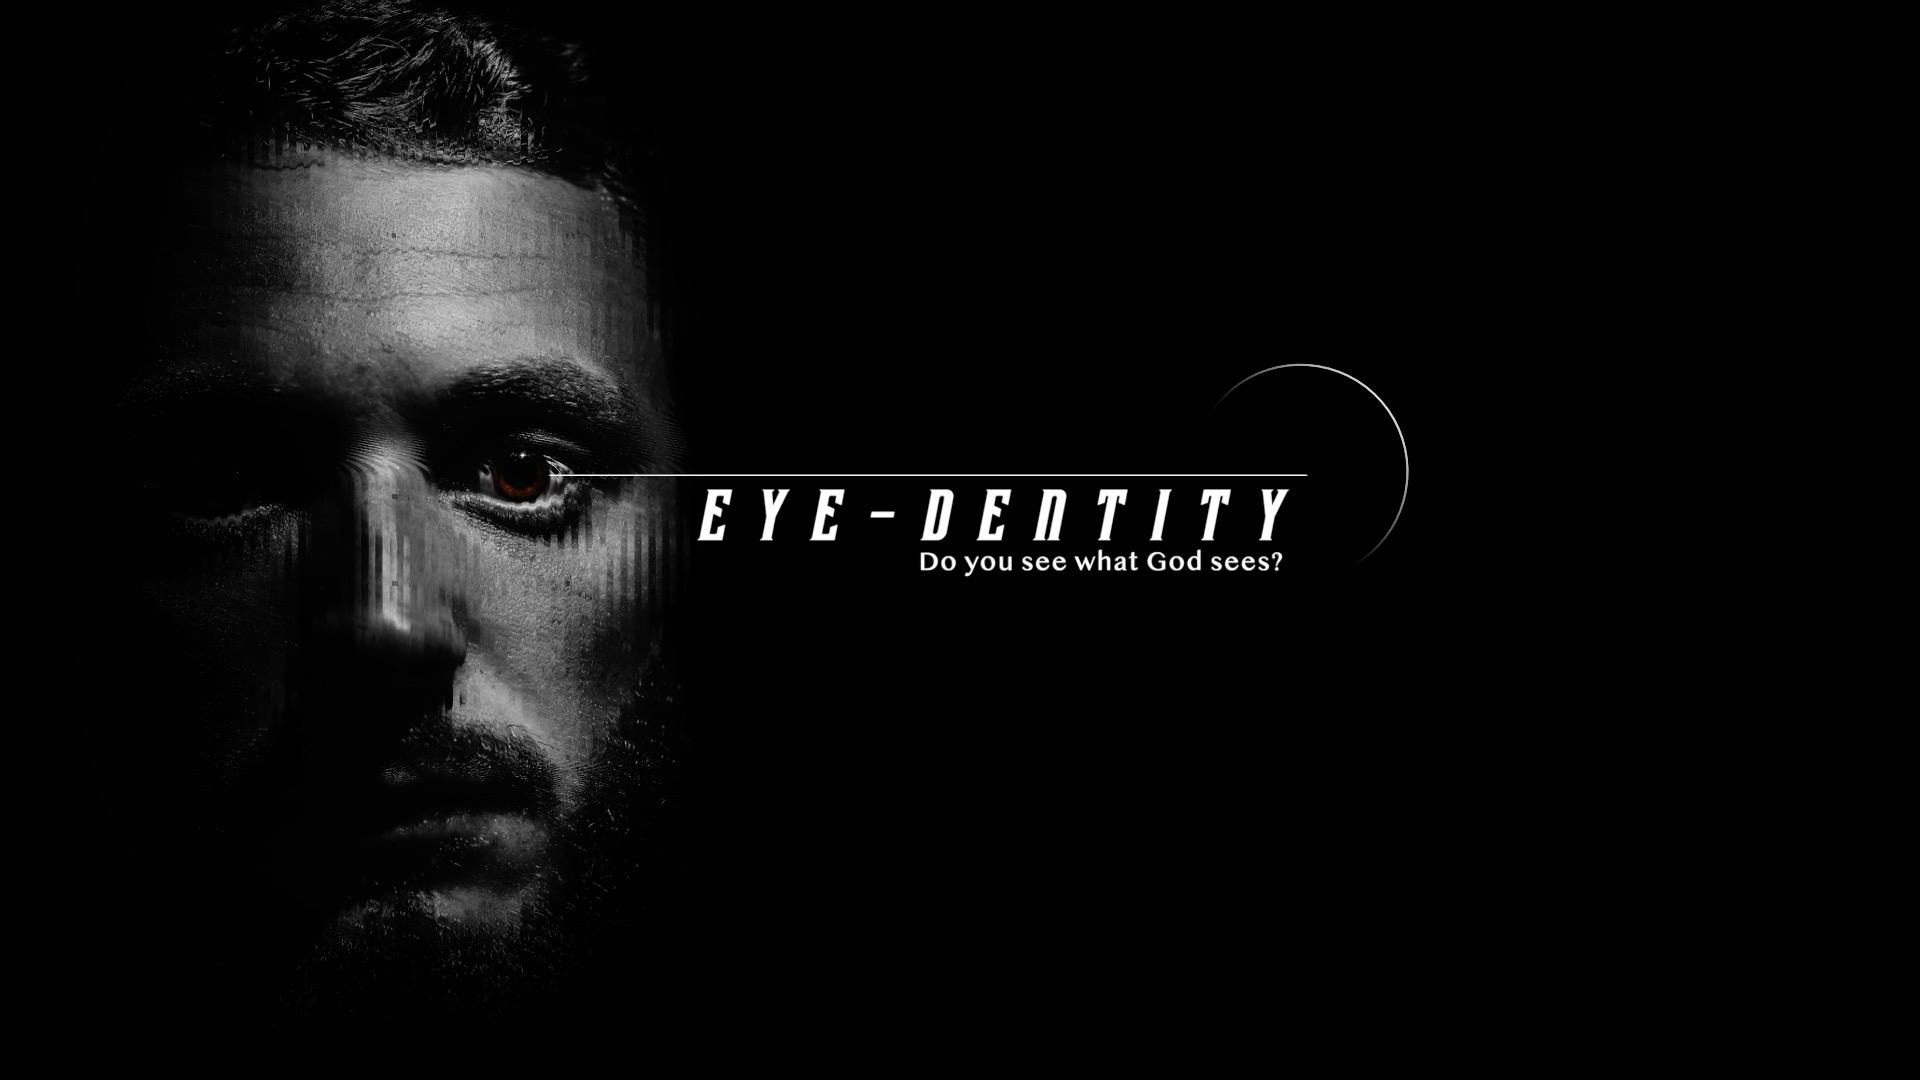 Eye-Dentity